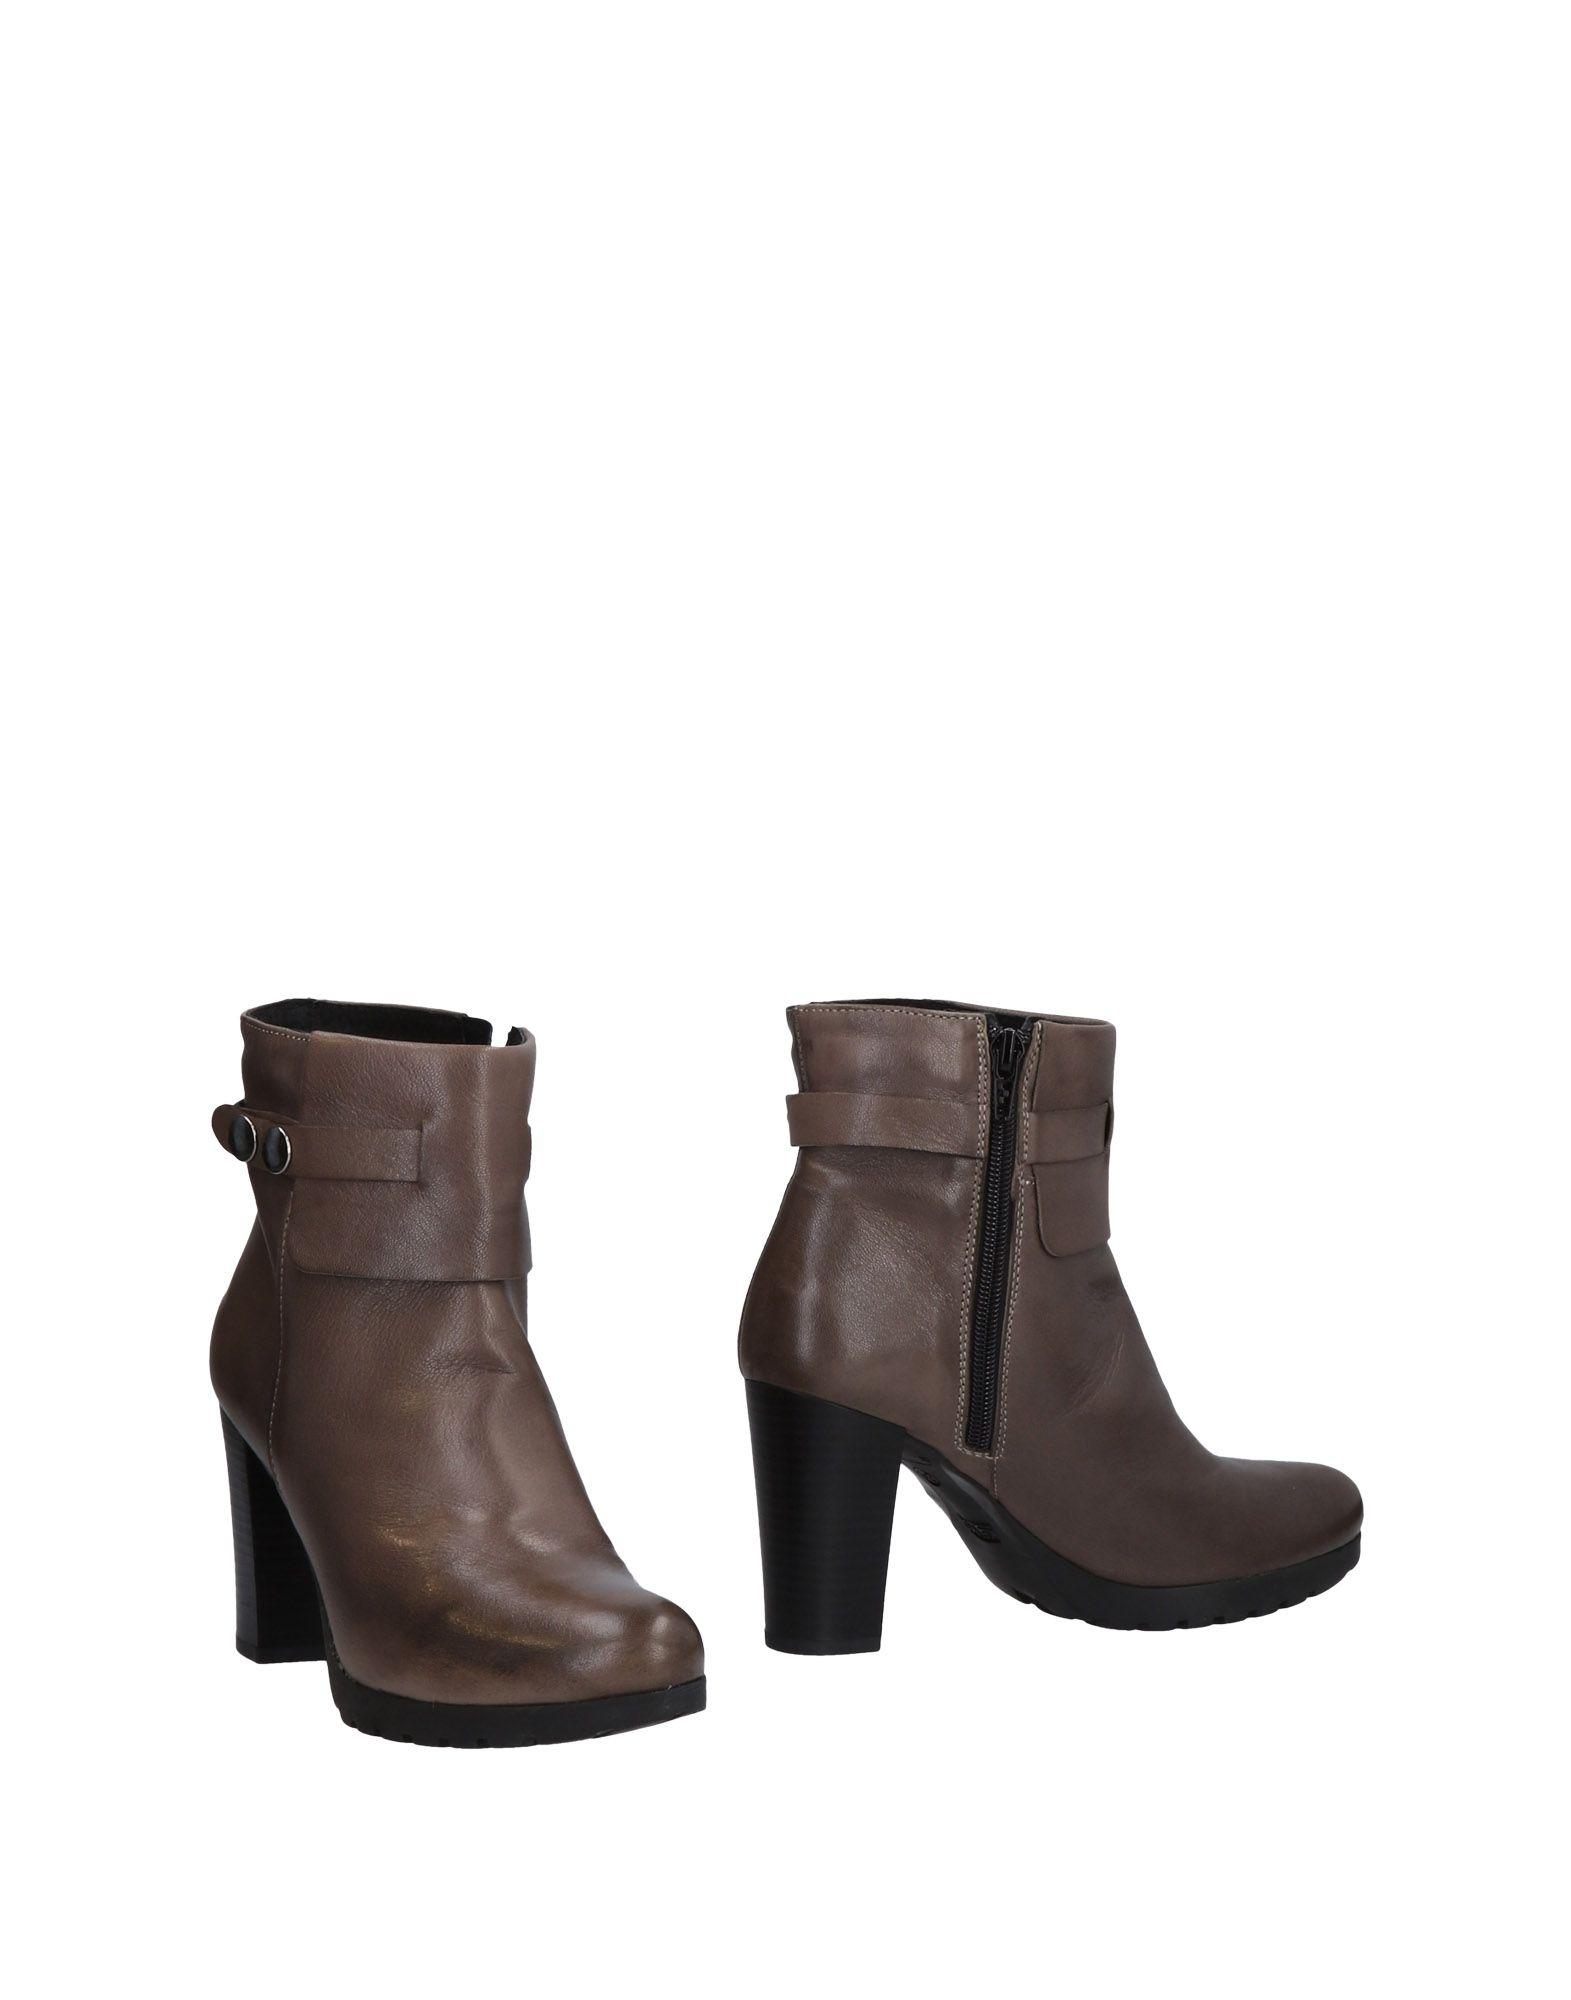 Keys Stiefelette Damen beliebte  11463904FR Gute Qualität beliebte Damen Schuhe da5f1d